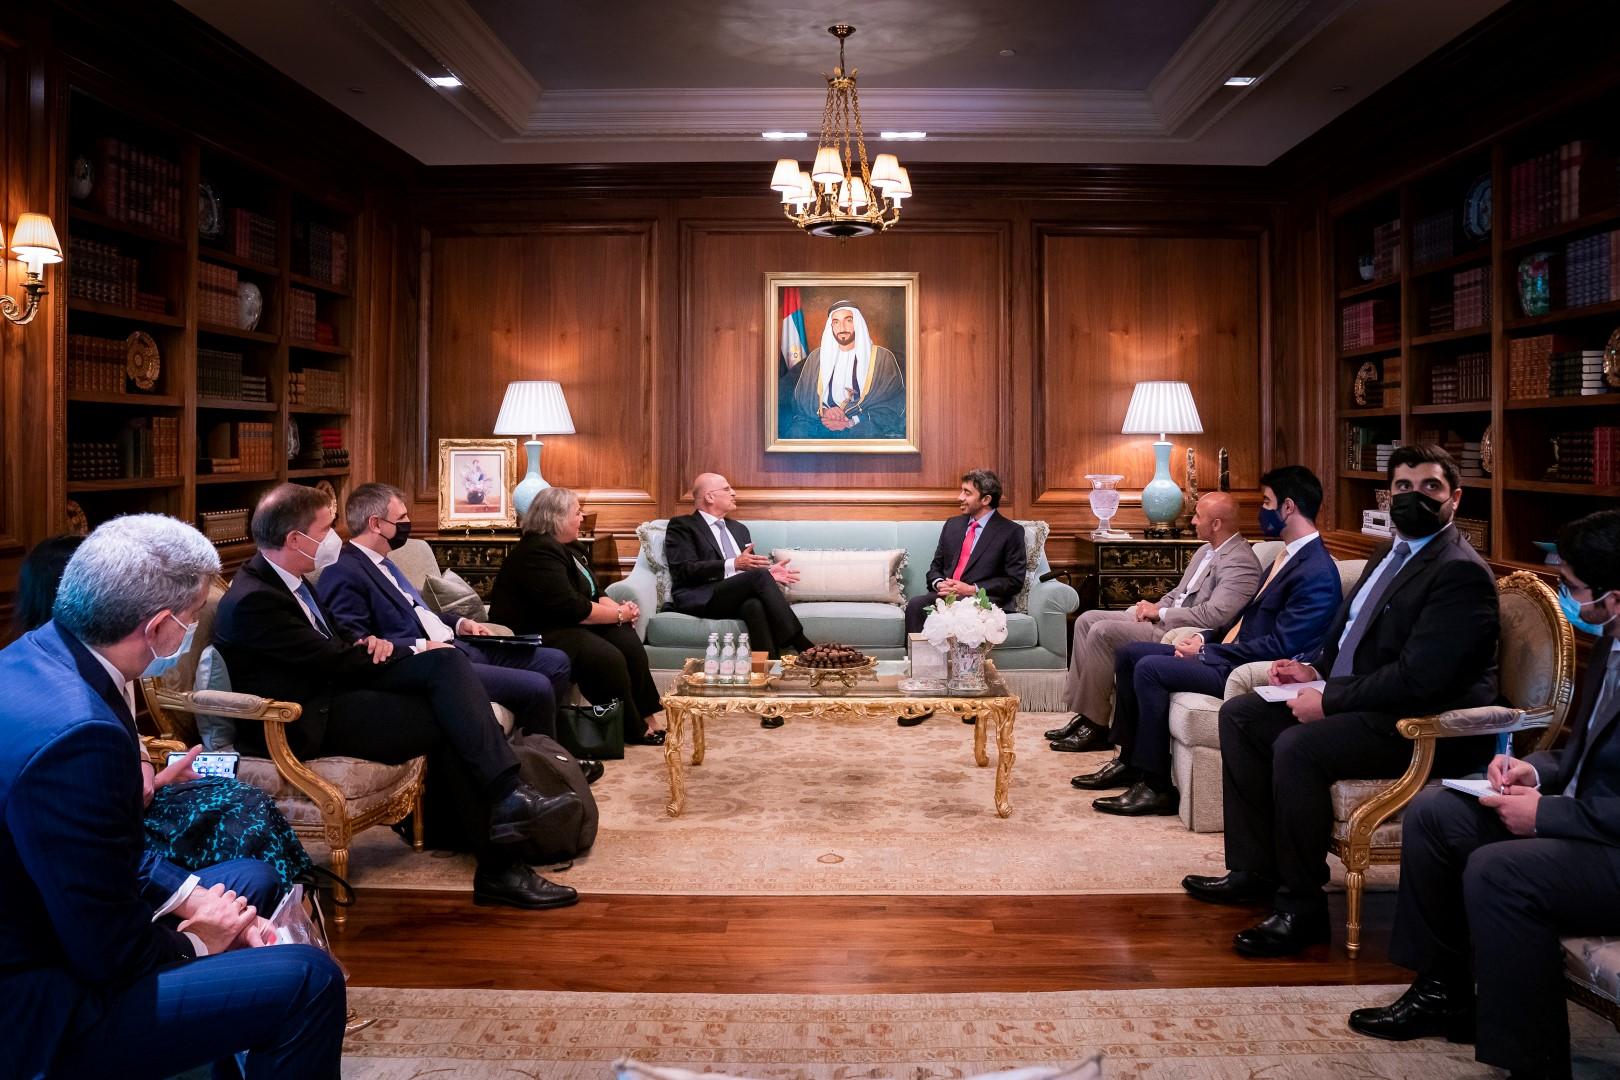 عبدالله بن زايد يلتقي وزير خارجية اليونان في واشنطن